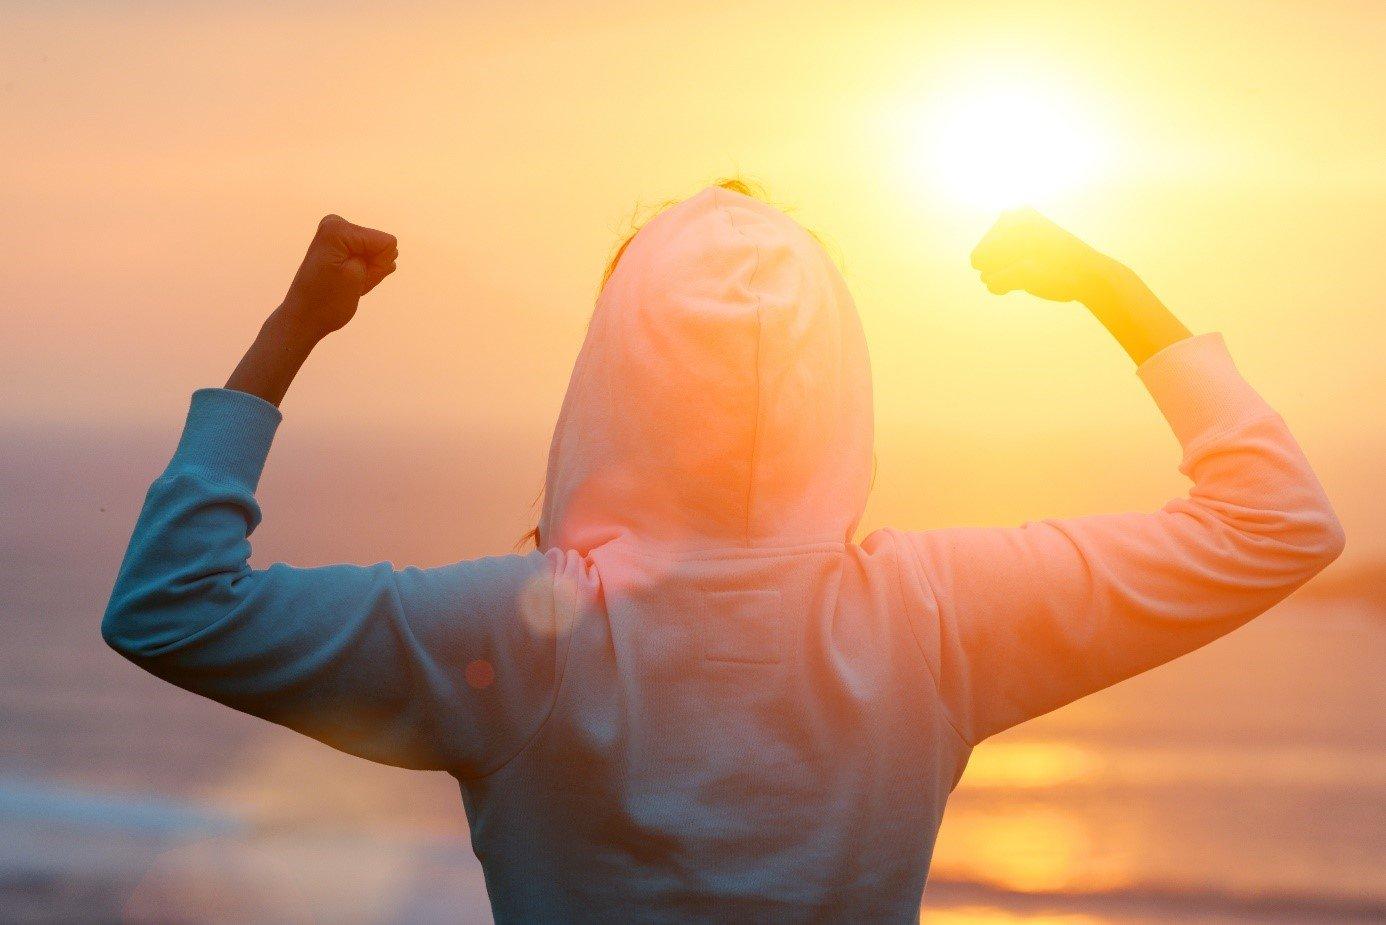 De Gouden Uil - Motivatie - Vind mijn Passie